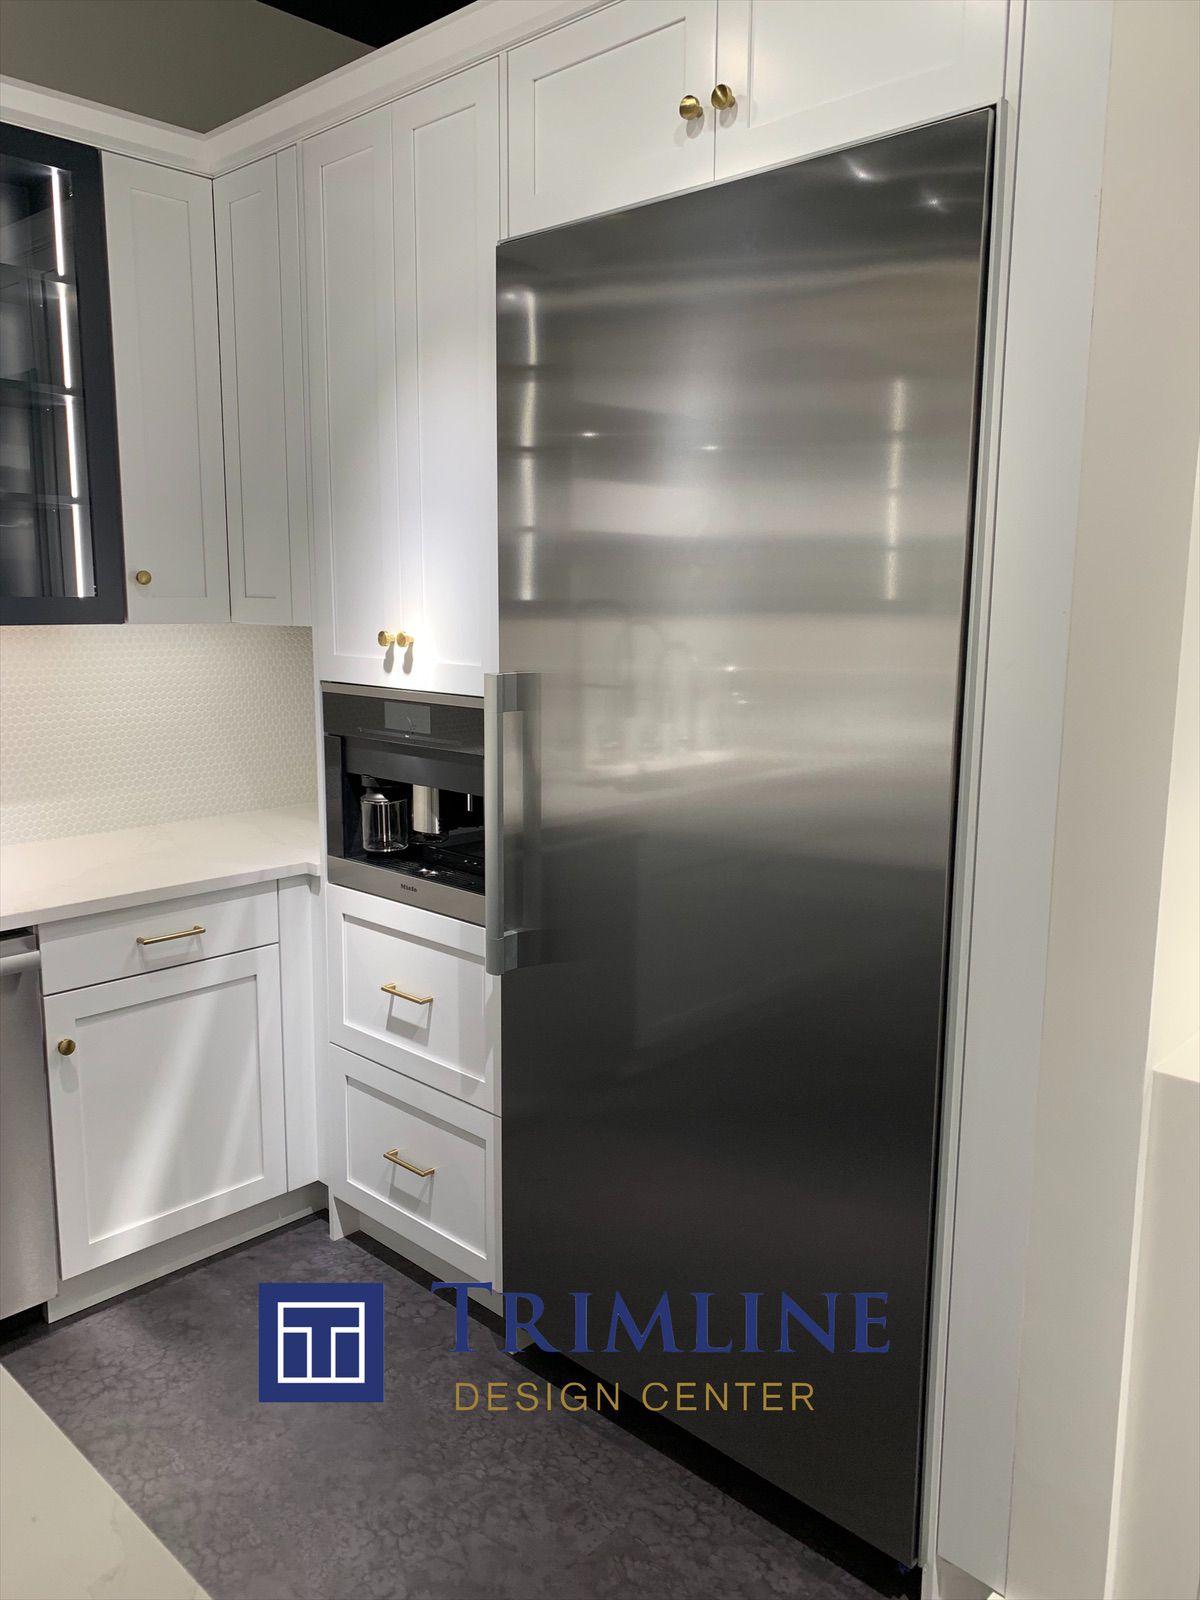 Pin By Trimline Design Center On Kitchen Appliances Built In Refrigerator Built In Coffee Maker Kitchen Design